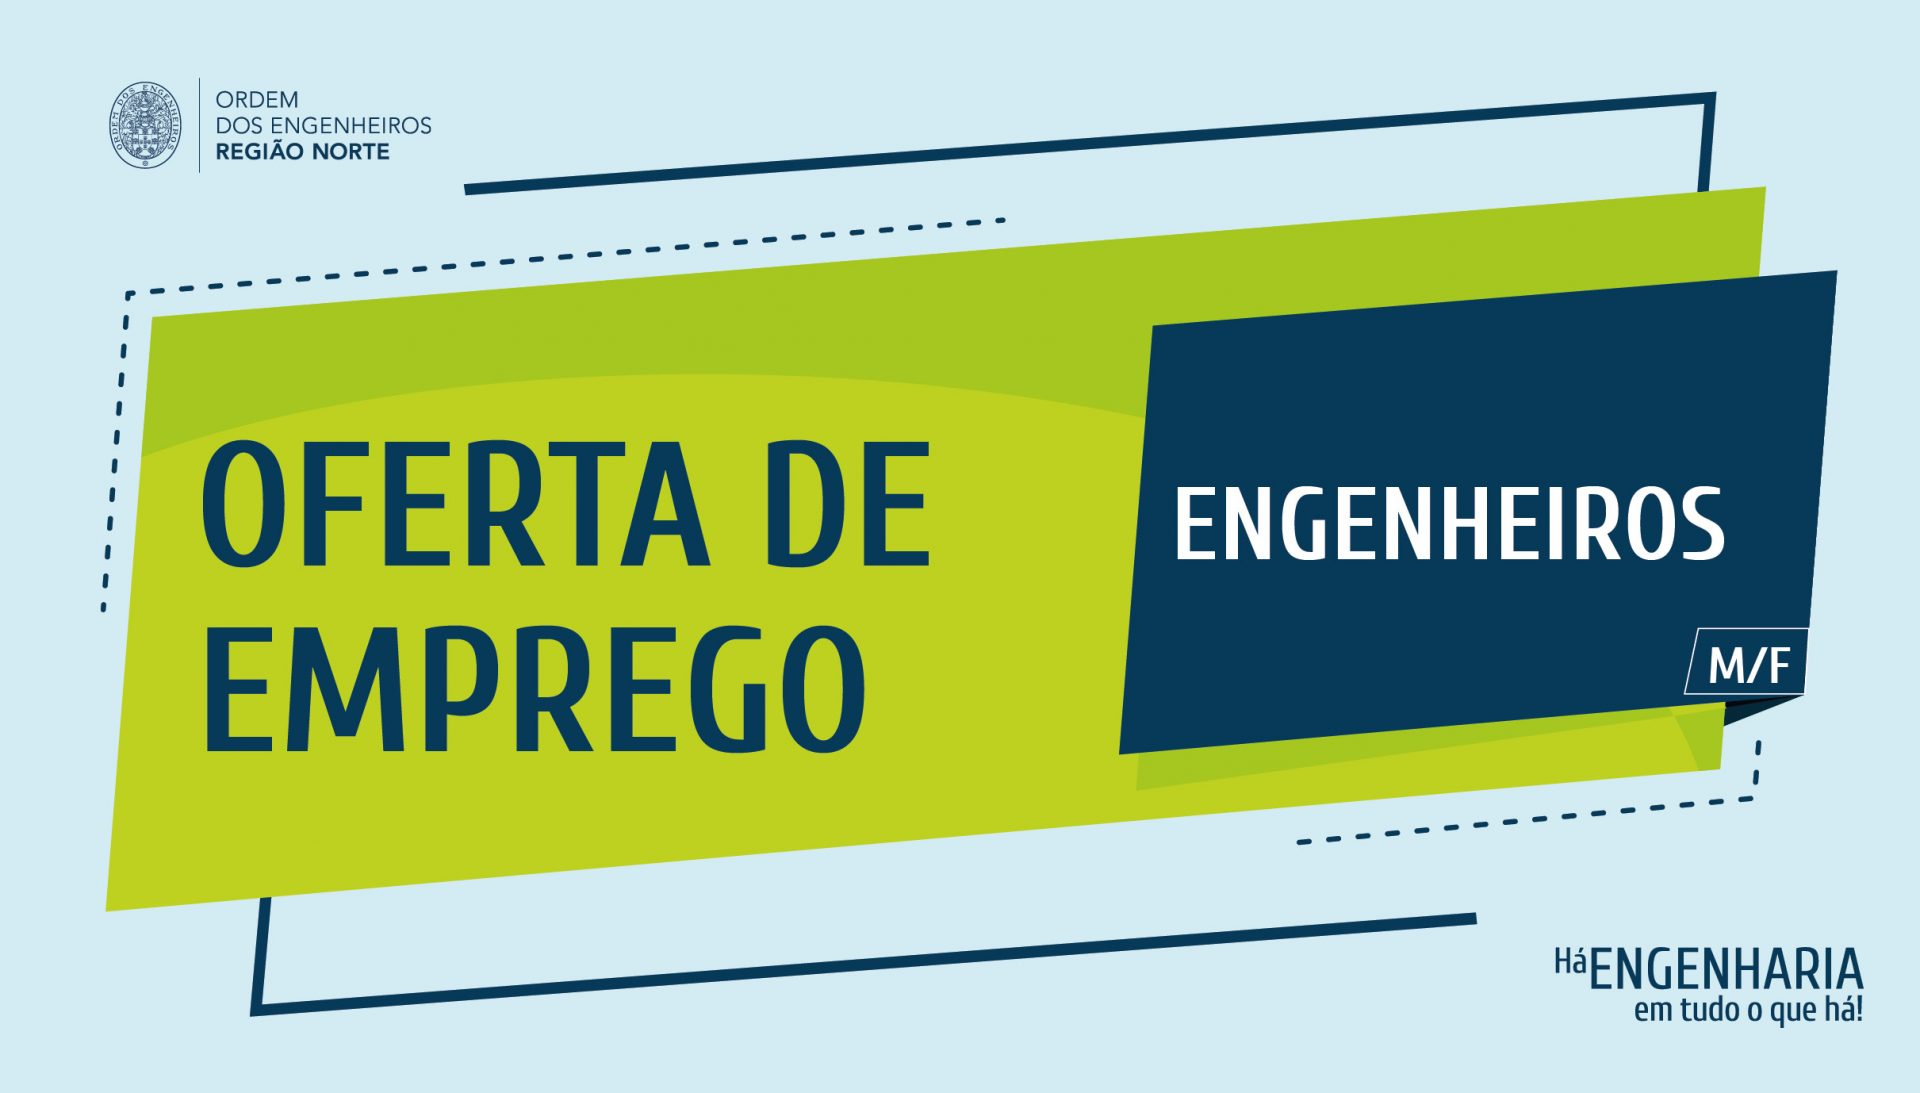 Plataforma Notícias Ordem Engenheiros Região Norte - [EMPREGO] SONAE recruta Engenheiro/a